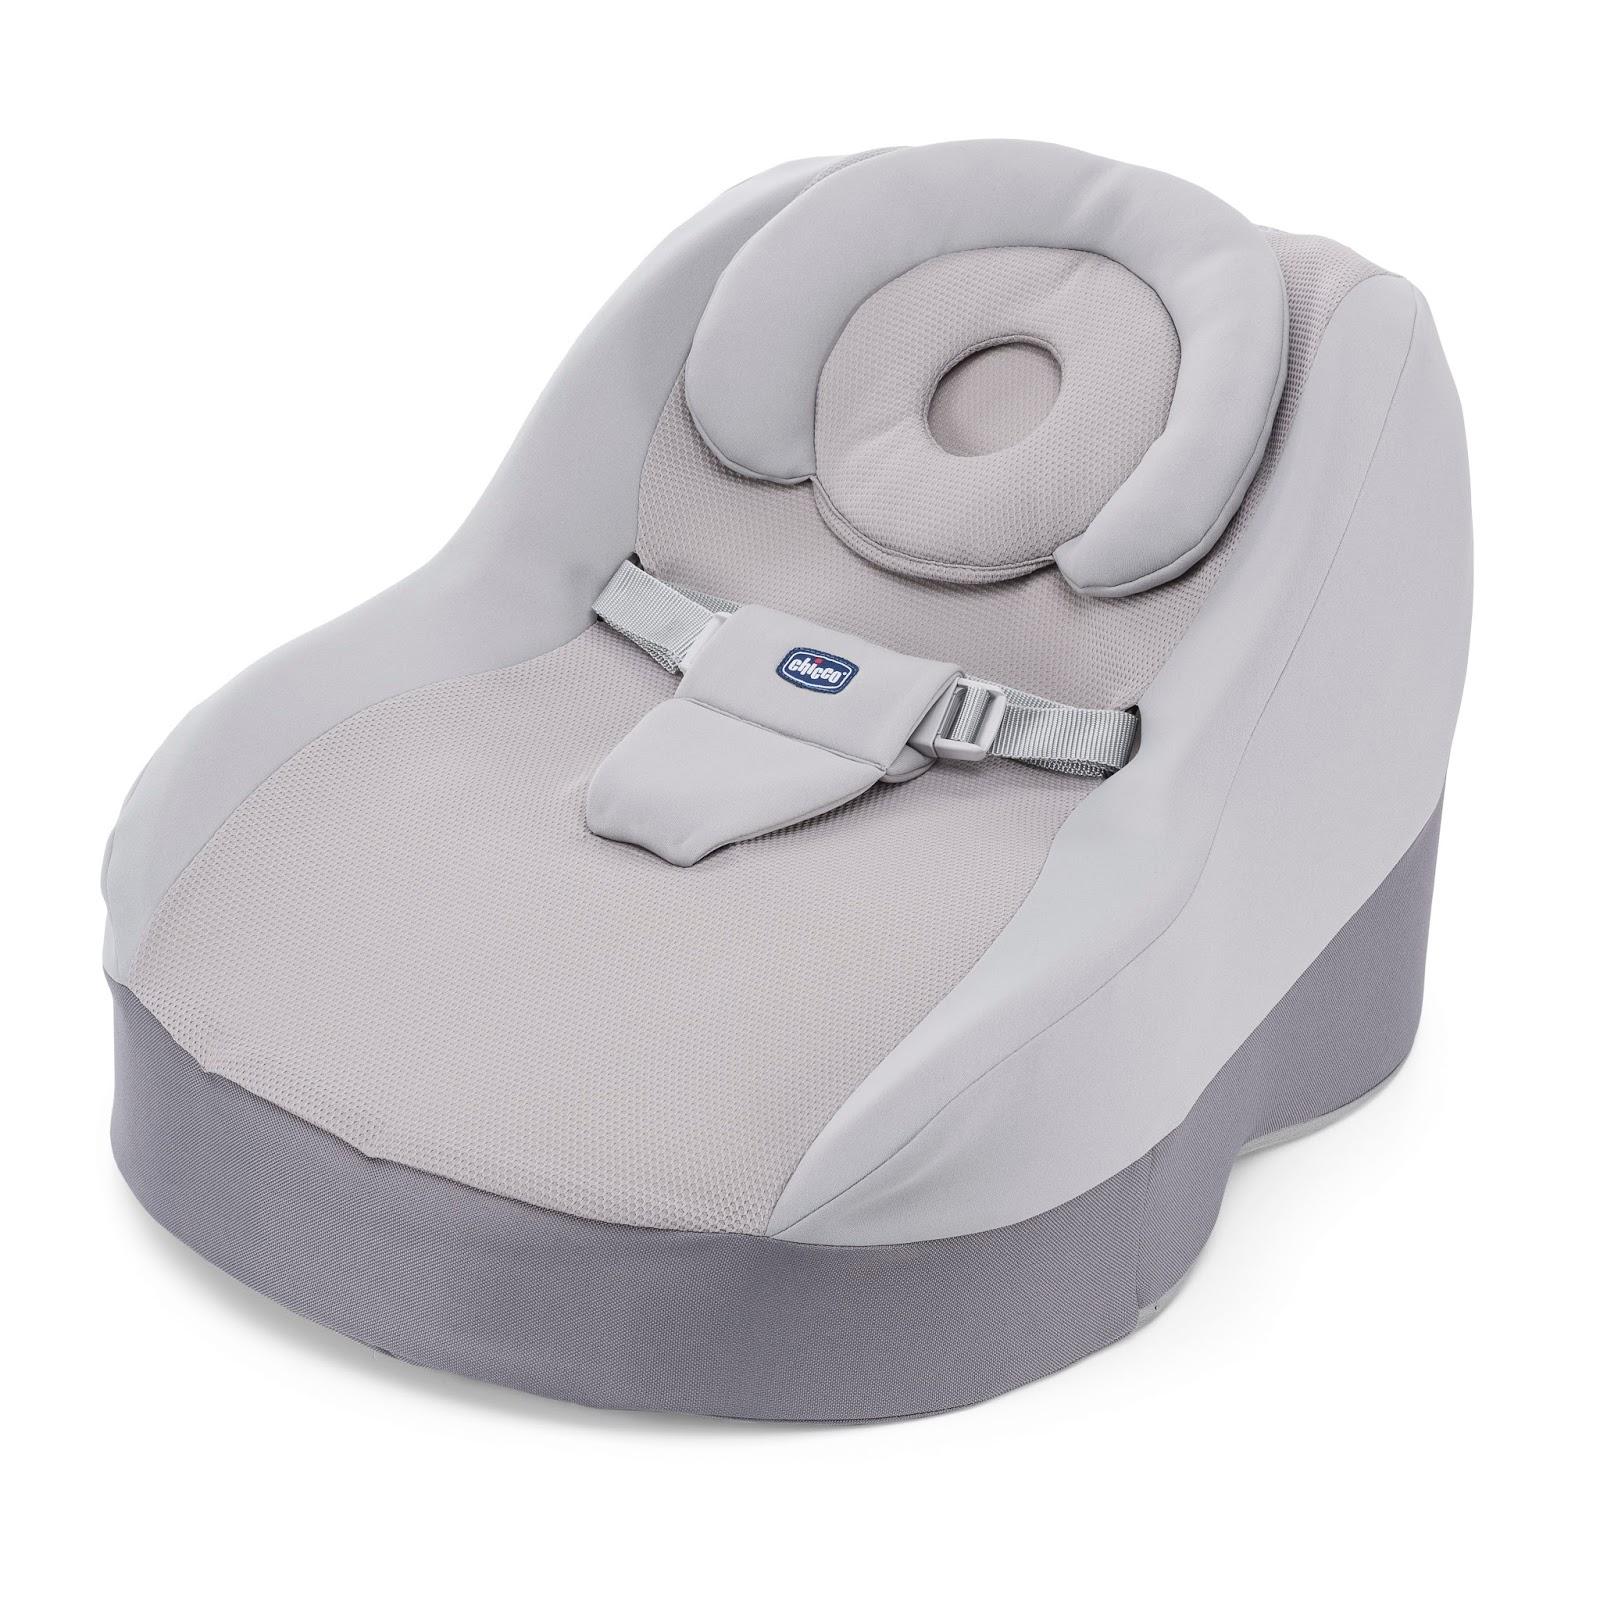 Outra facilidade do Comfy é o descanso removível para apoiar a cabeça, que  deixa o bebê ainda mais confortável e aconchegado. O forro é lavável, ... 6ebb9698cc